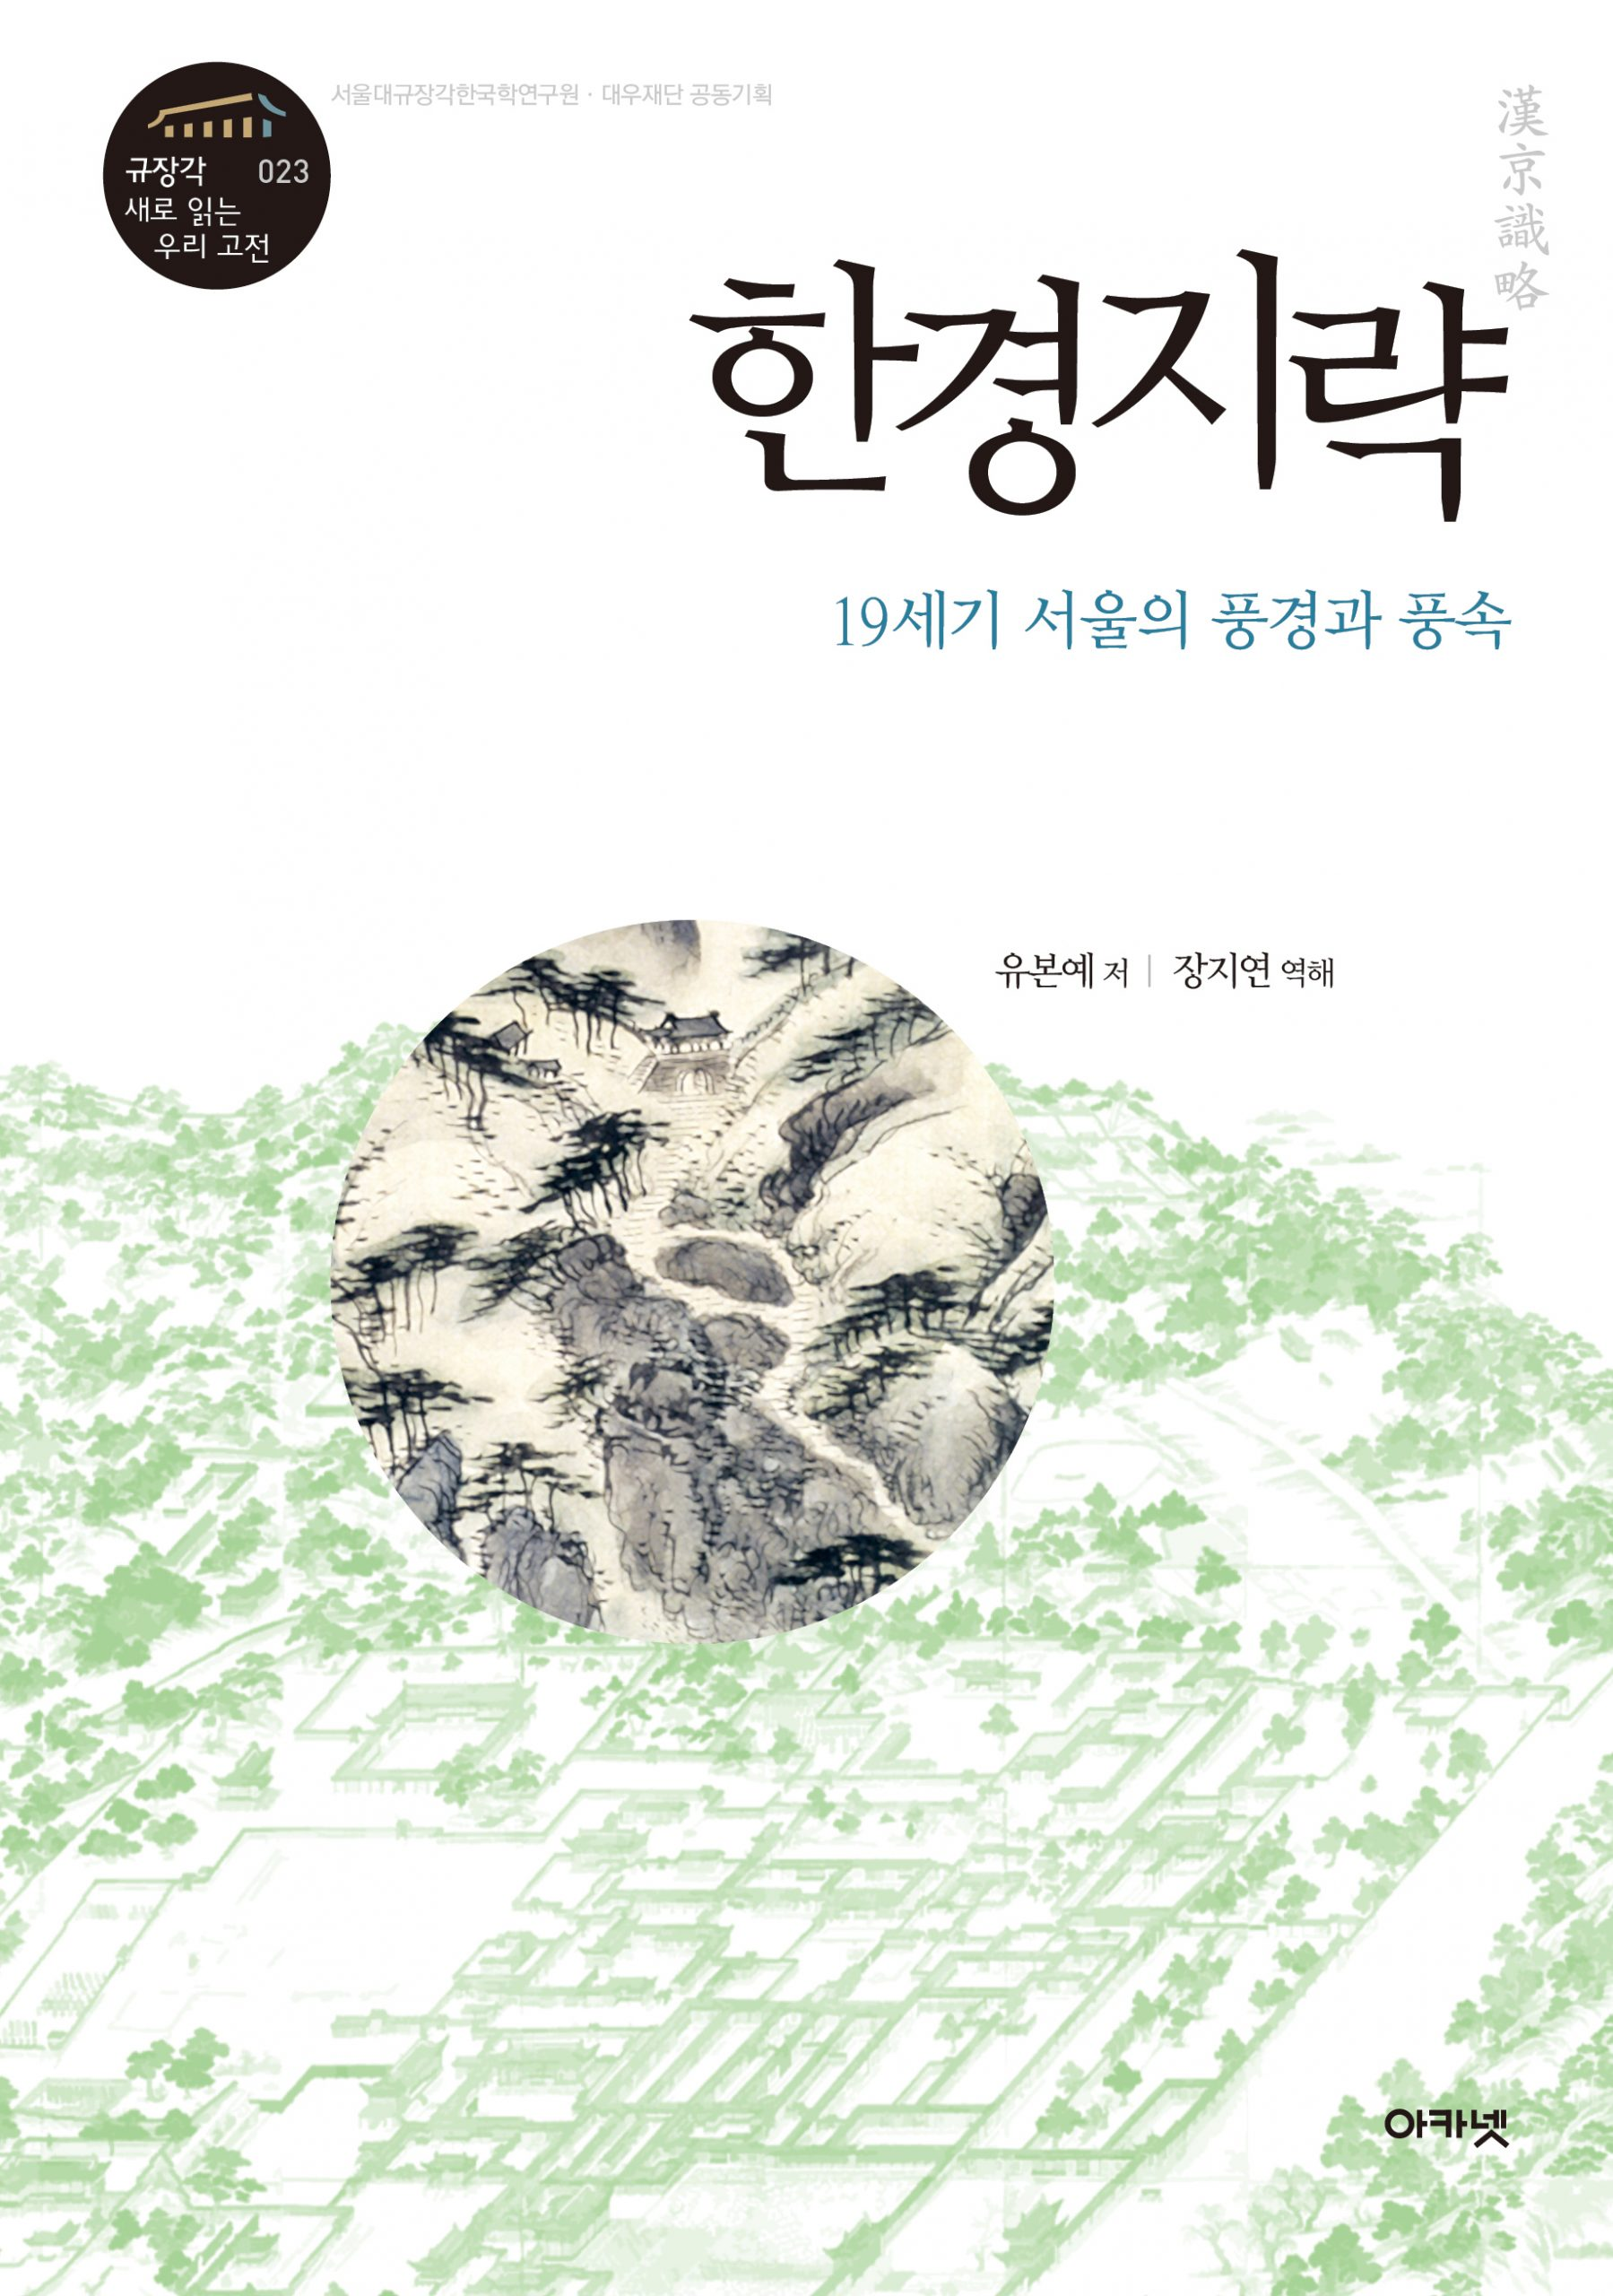 대우재단 규장각 새로읽는우리고전 제23권 한경지략 written by 장지연 and published by 아카넷 in 2020